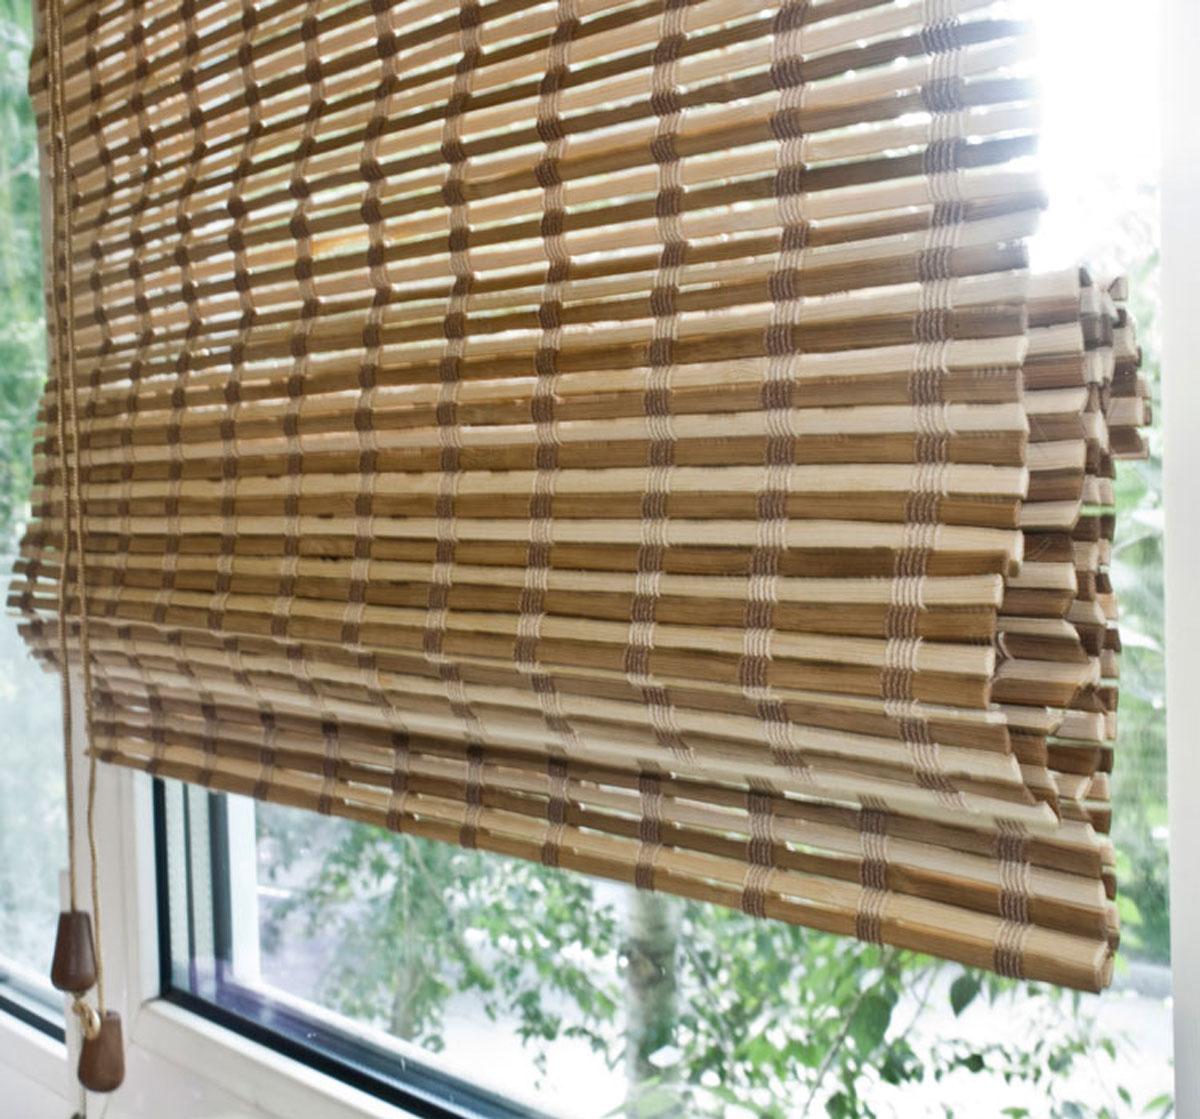 Римская штора Эскар, бамбуковая, цвет: коричневый, бежевый, ширина 140 см, высота 160 см72959140160Римская штора Эскар, выполненная из натурального бамбука, является оригинальным современным аксессуаром для создания необычного интерьера в восточном или минималистичном стиле. Римская бамбуковая штора, как и тканевая римская штора, при поднятии образует крупные складки, которые прекрасно декорируют окно. Особенность устройства полотна позволяет свободно пропускать дневной свет, что обеспечивает мягкое освещение комнаты. Римская штора из натурального влагоустойчивого материала легко вписывается в любой интерьер, хорошо сочетается с различной мебелью и элементами отделки. Использование бамбукового полотна придает помещению необычный вид и визуально расширяет пространство. Бамбуковые шторы требуют только сухого ухода: пылесосом, щеткой, веником или влажной (но не мокрой!) губкой. Комплект для монтажа прилагается.